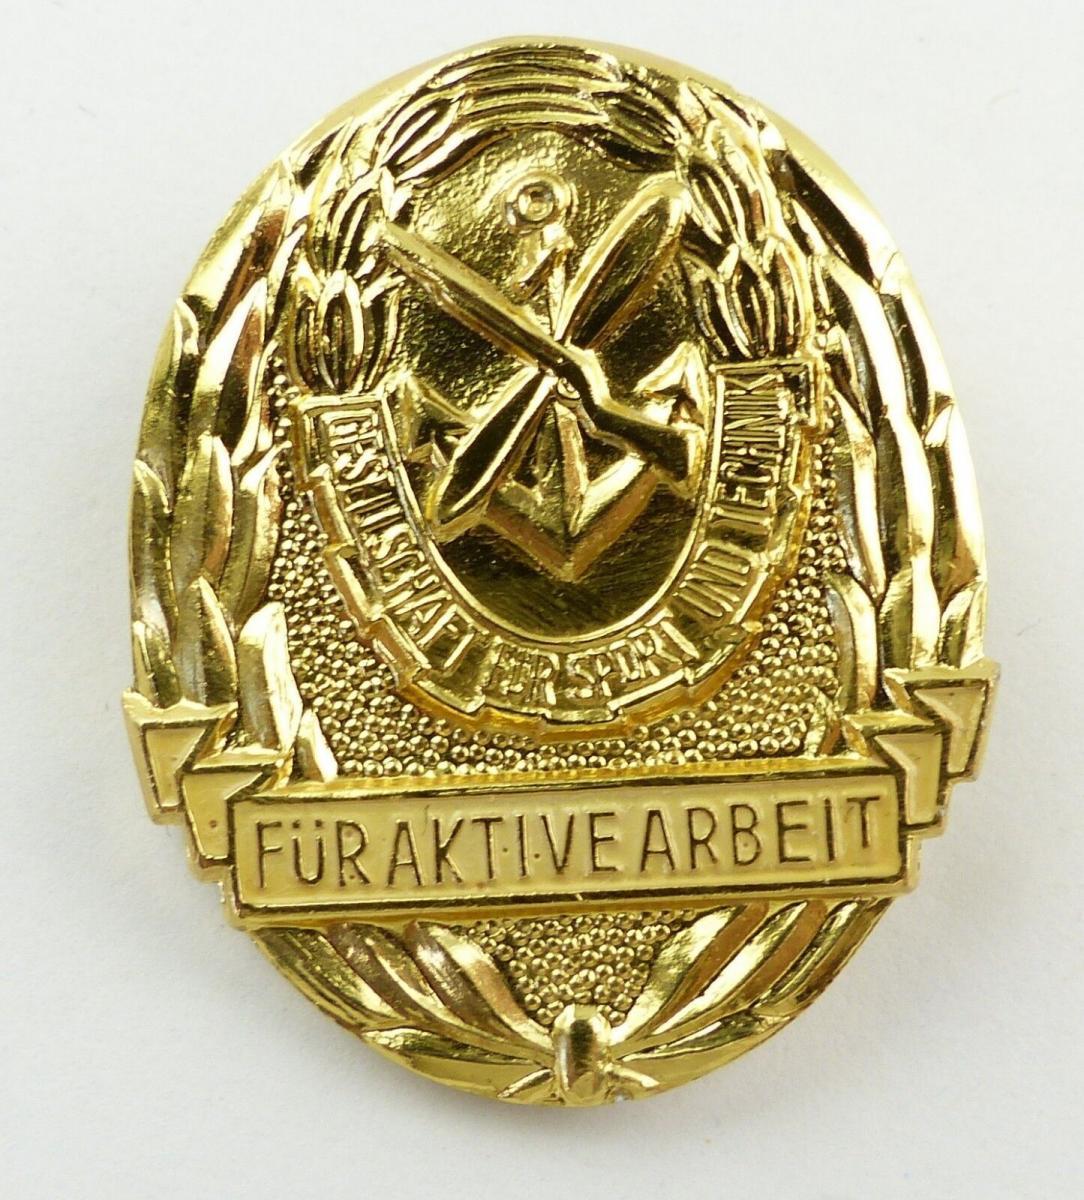 #e8976 Abzeichen / Medaille für aktive Arbeit in der GST vgl. Nr. 11 f (ab 1960)